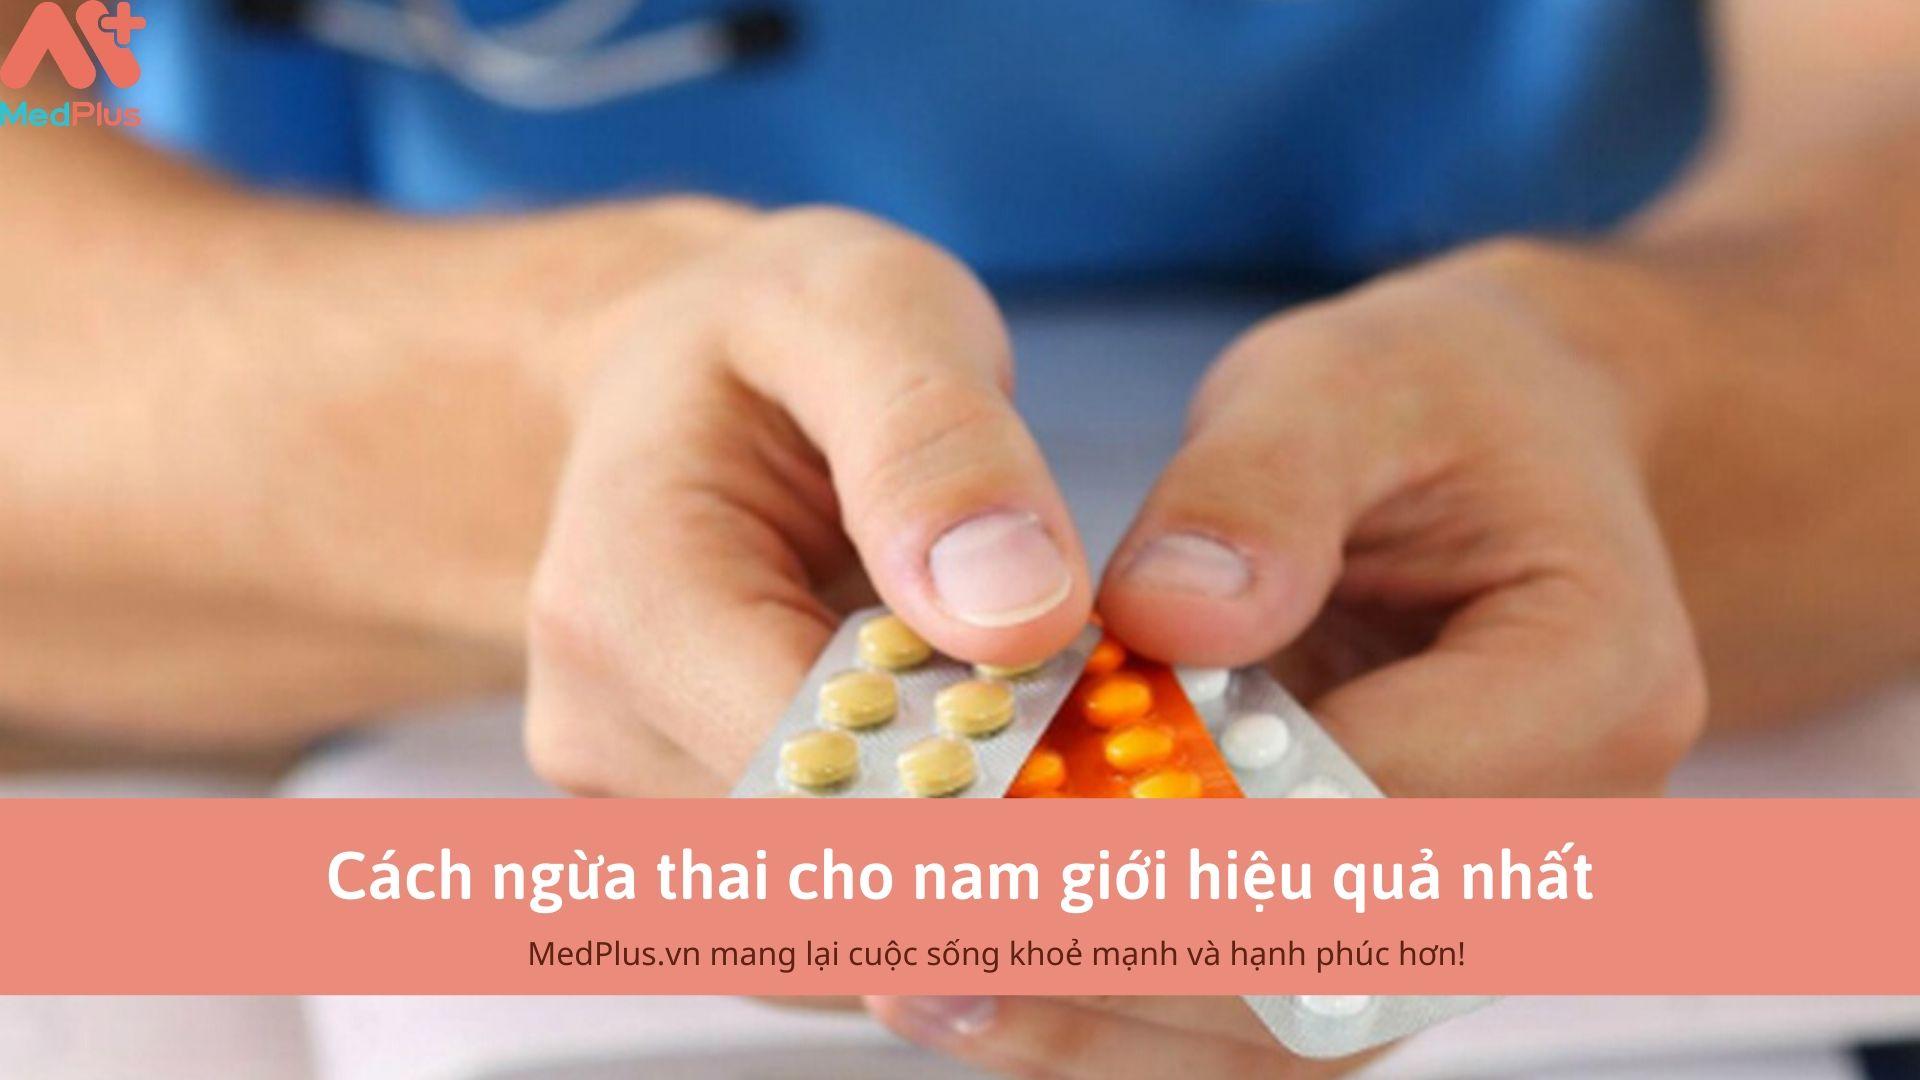 Cách ngừa thai cho nam giới hiệu quả nhất